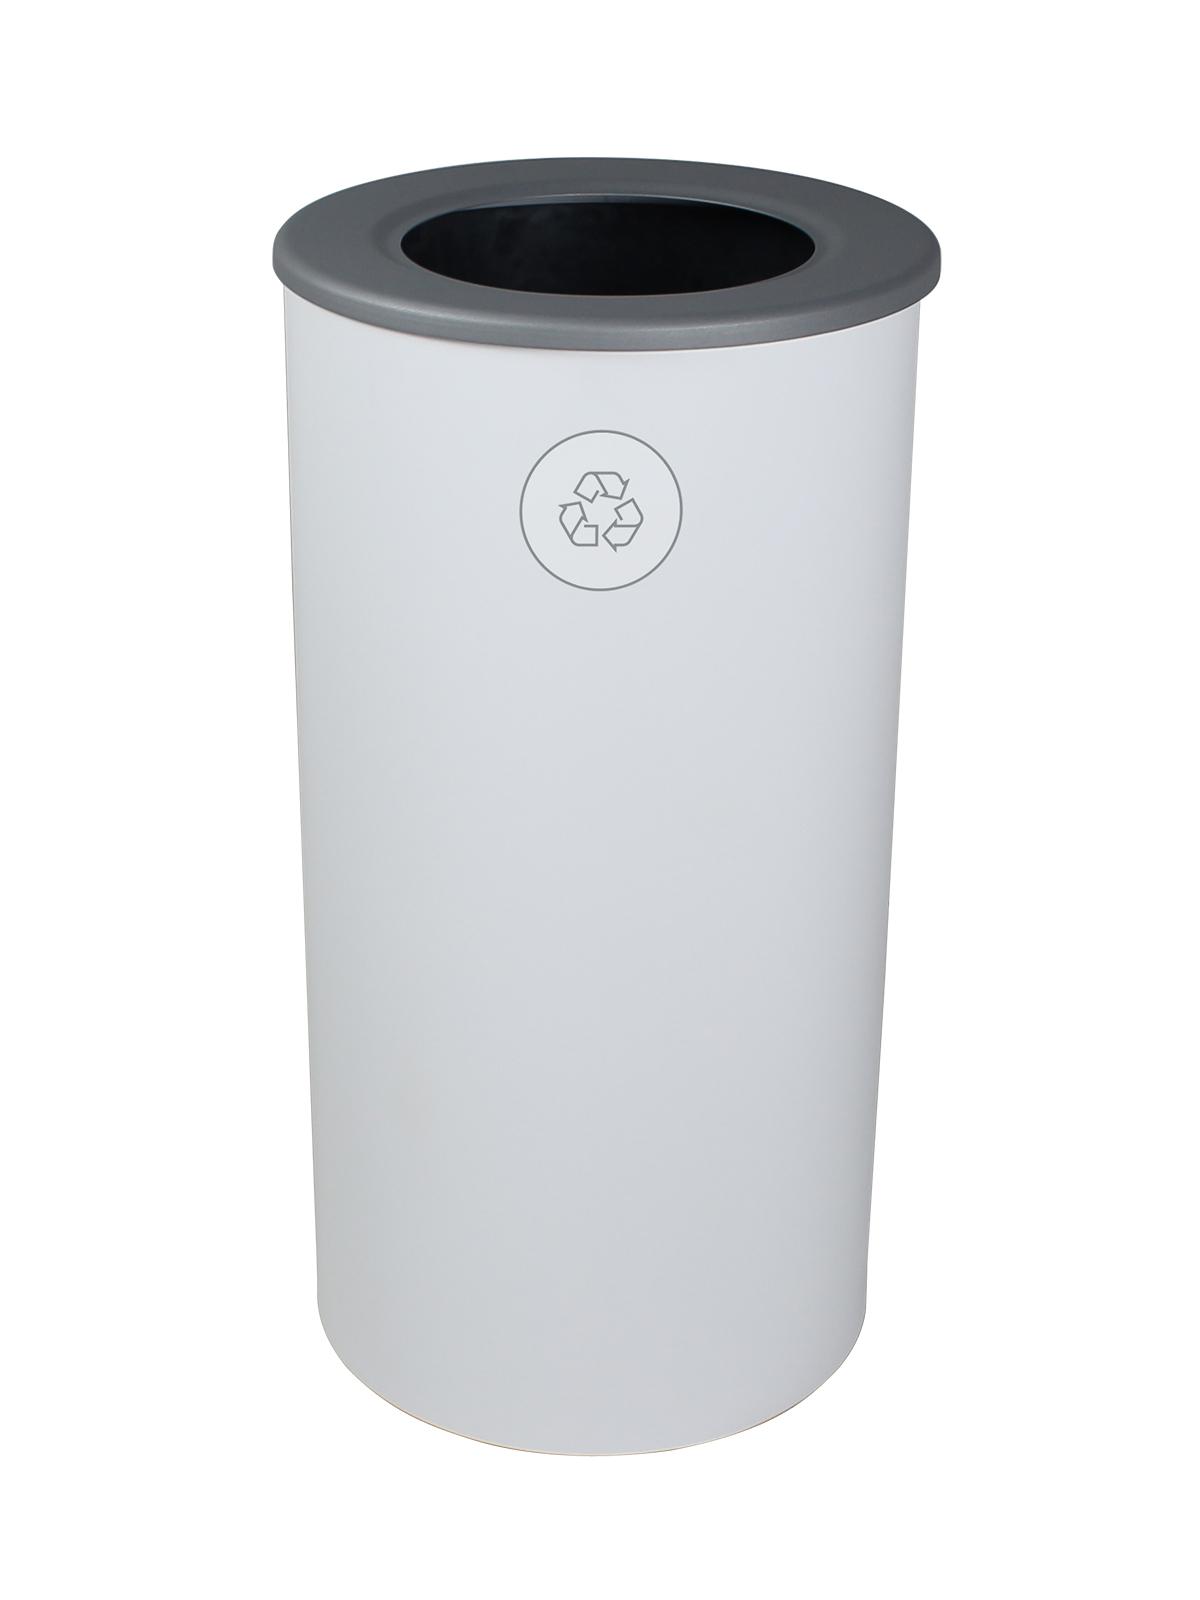 SPECTRUM - Single - Round - Mobius Loop - Full - White